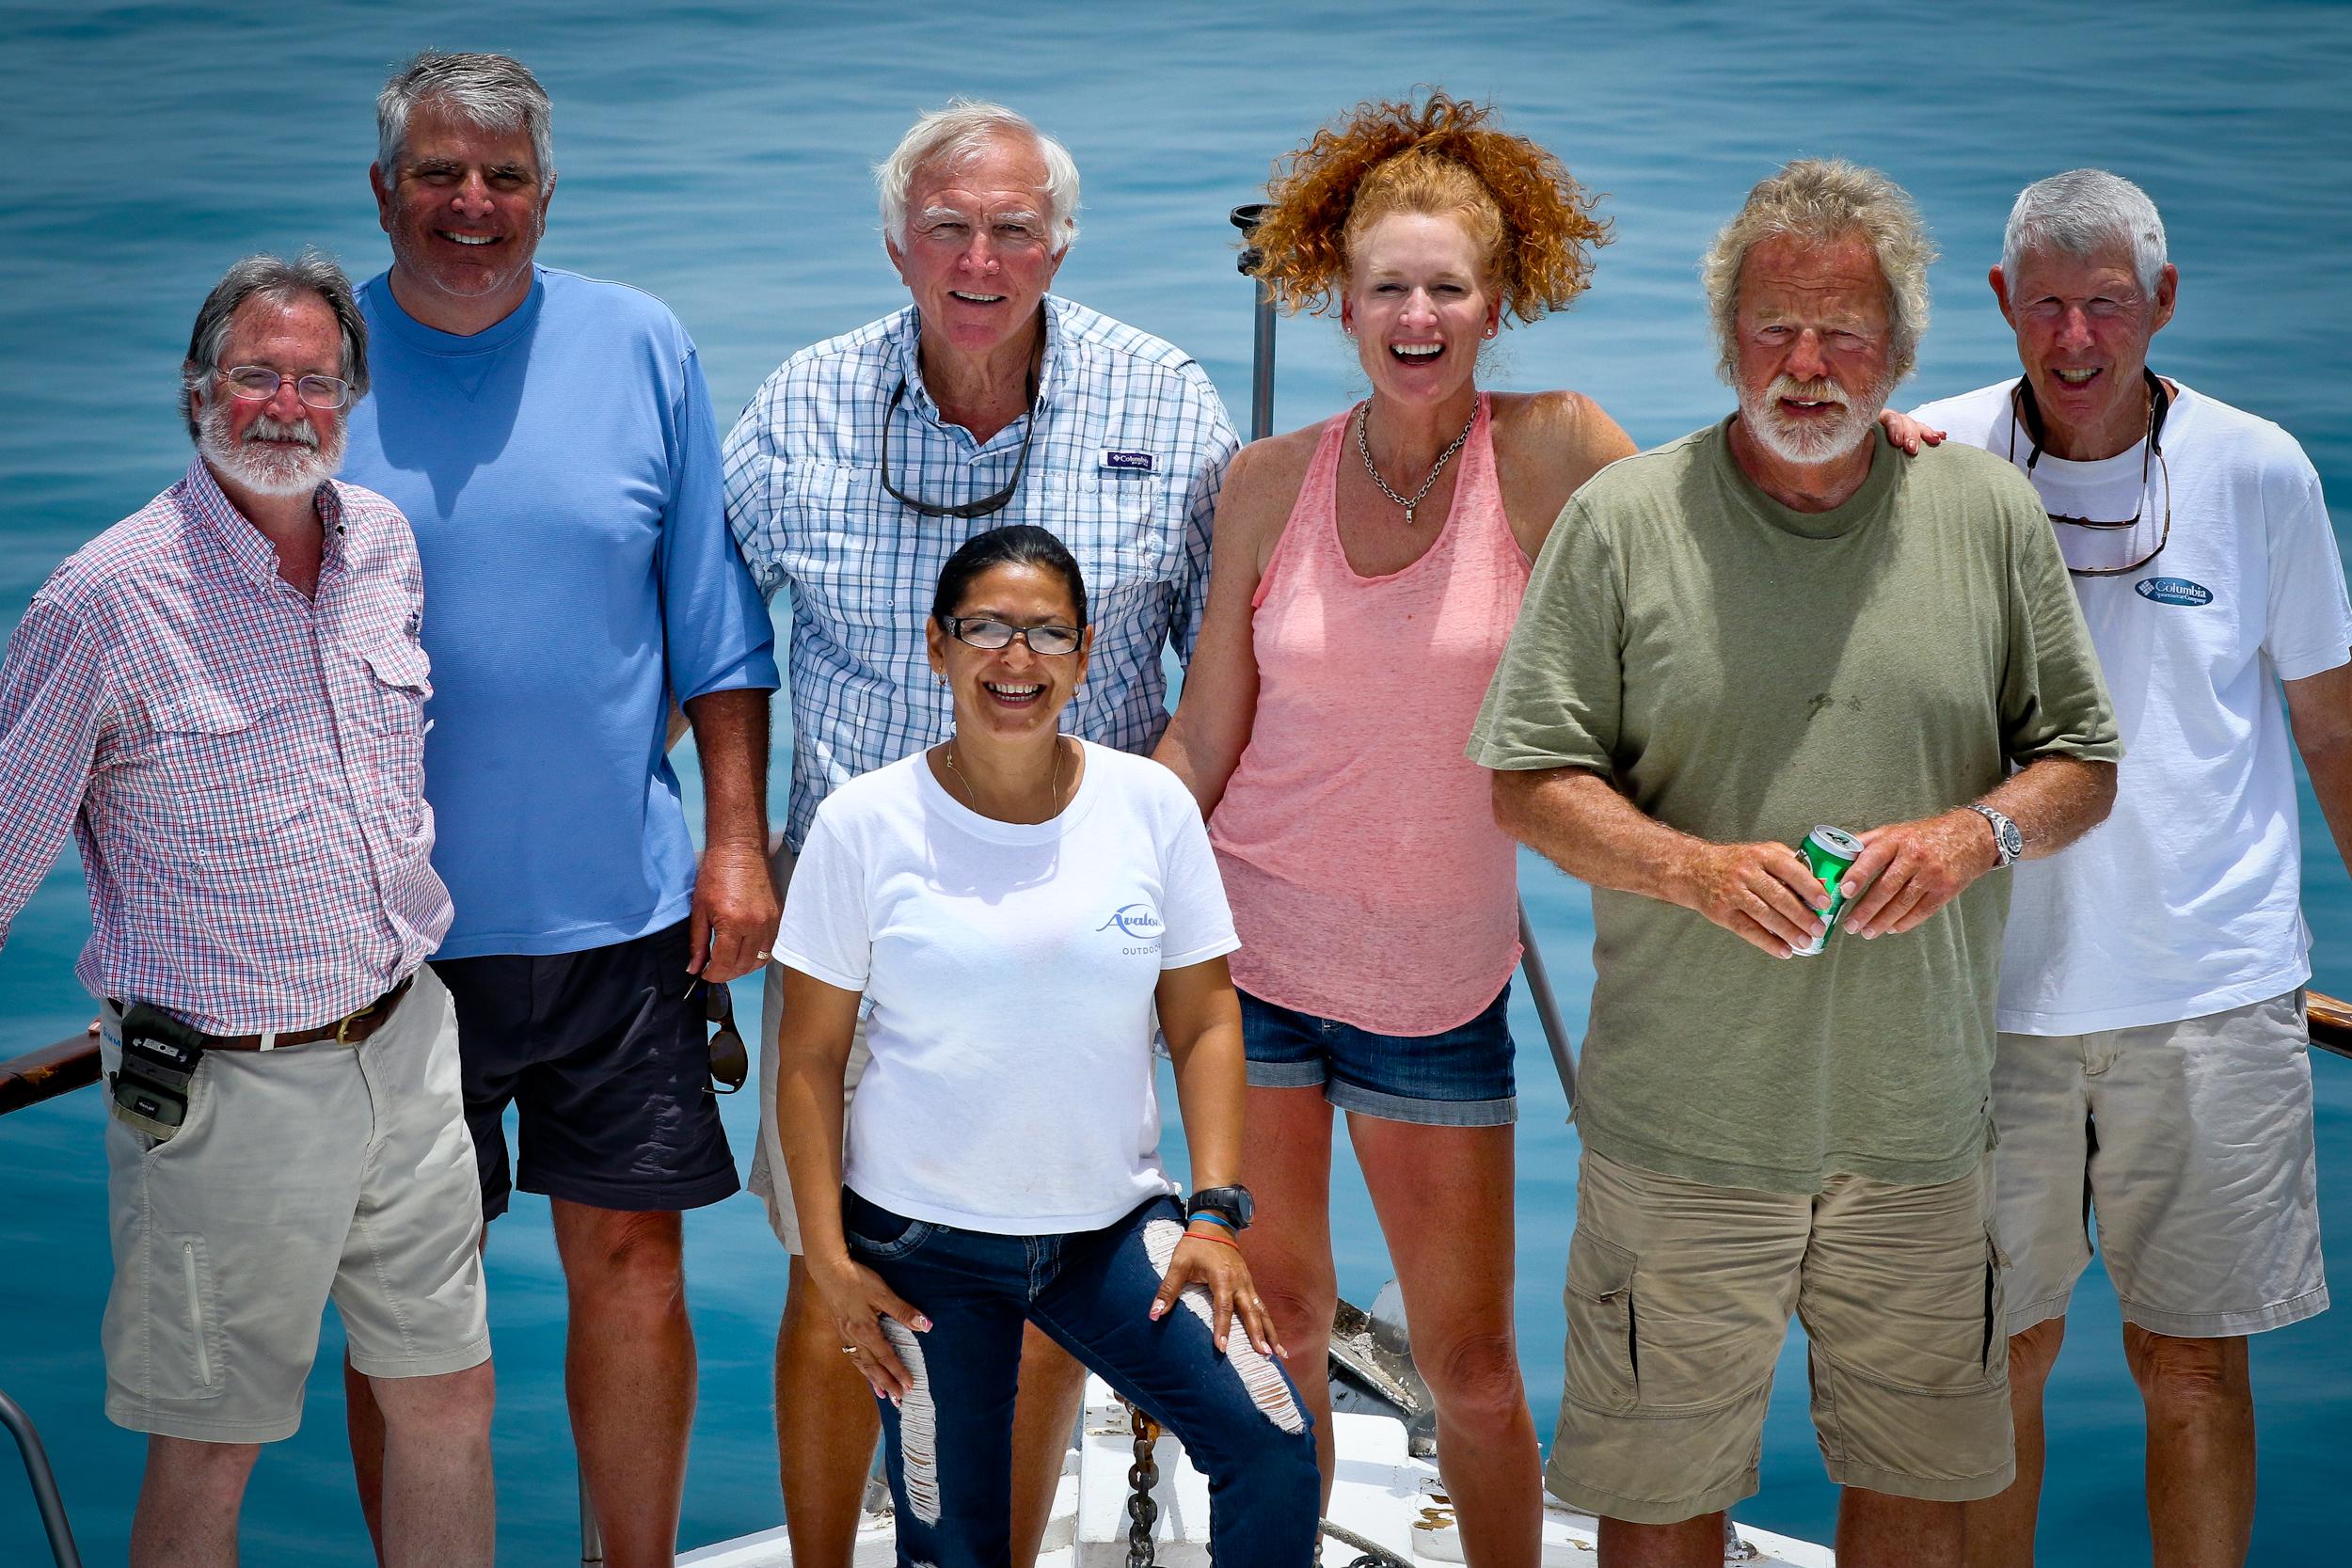 From the left, Warren, Steve, Paul, Valerie, Bob, Richard, and our lovely Aysa.